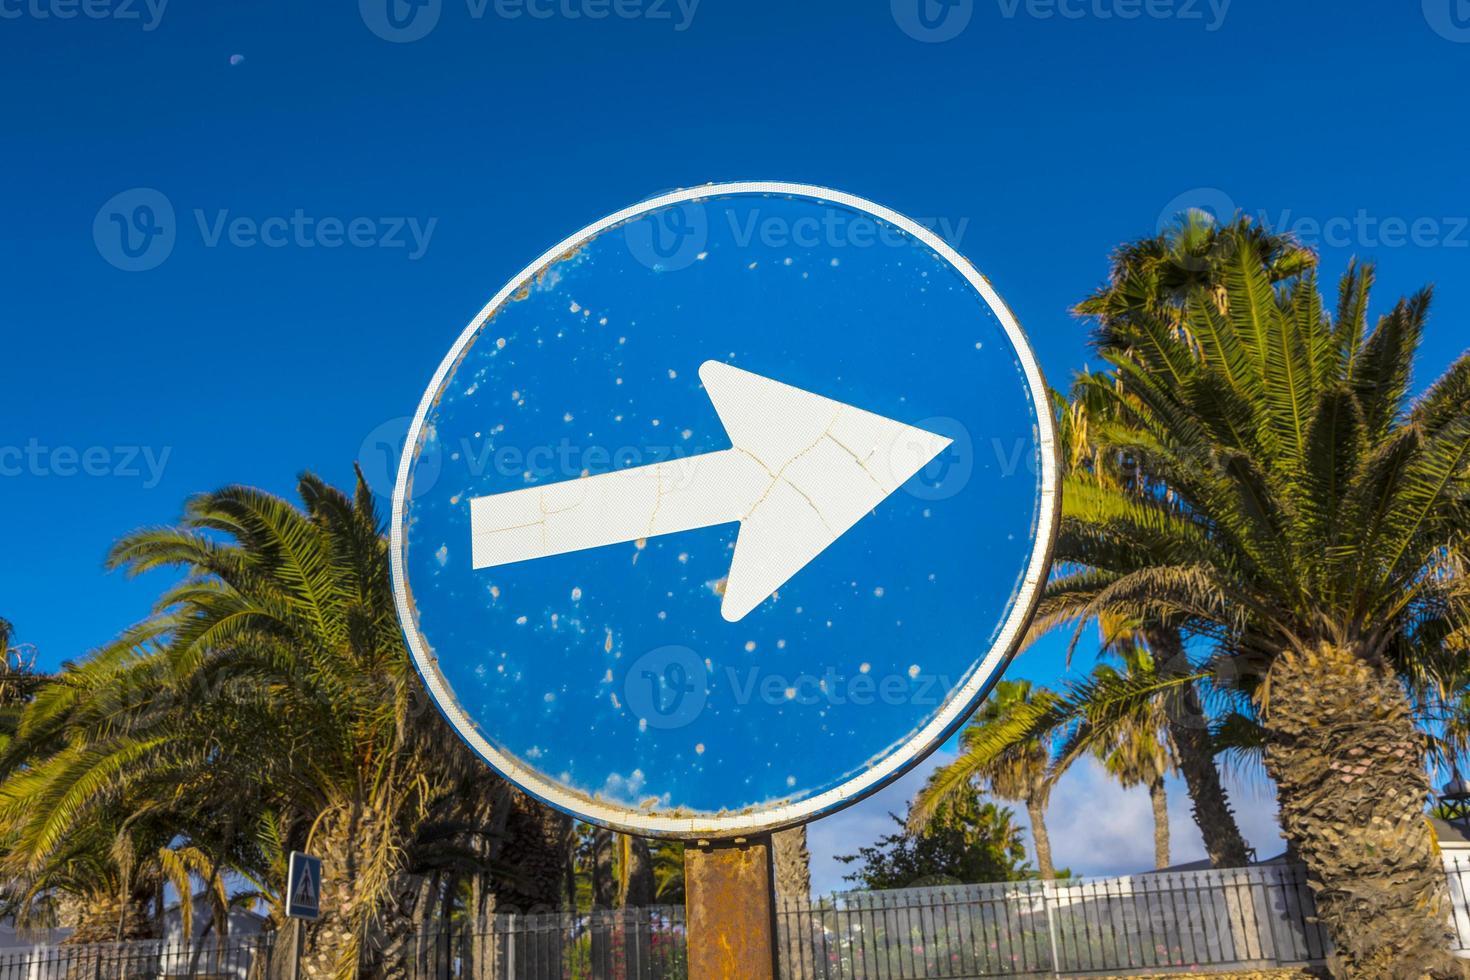 Straßenschild mit Pfeil nach rechts foto